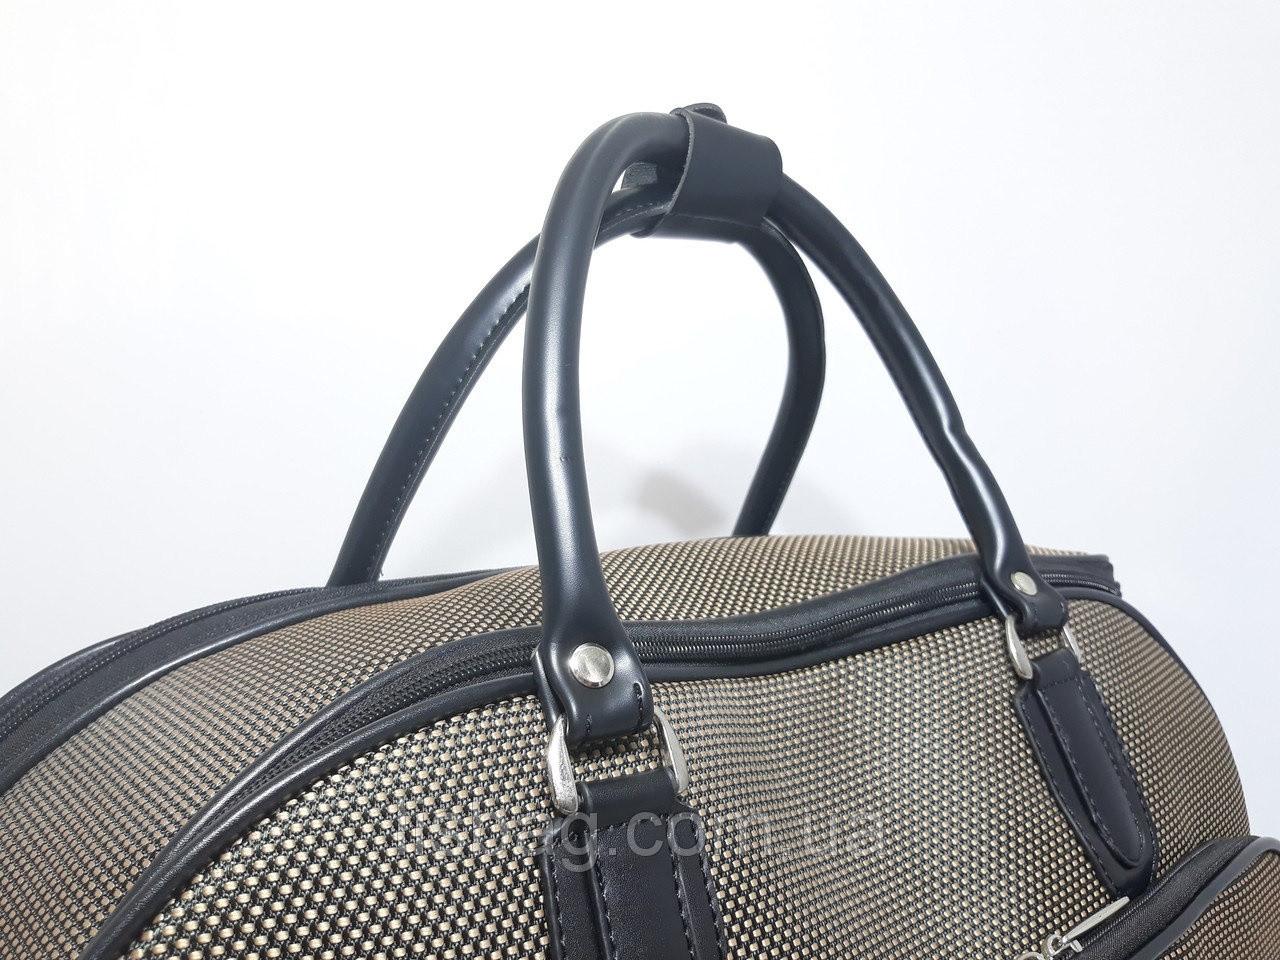 89d6d2cbc478 ... Сумка на колесах тканевая большая XL Коричневая (59*31*38) чемодан  дорожная ...